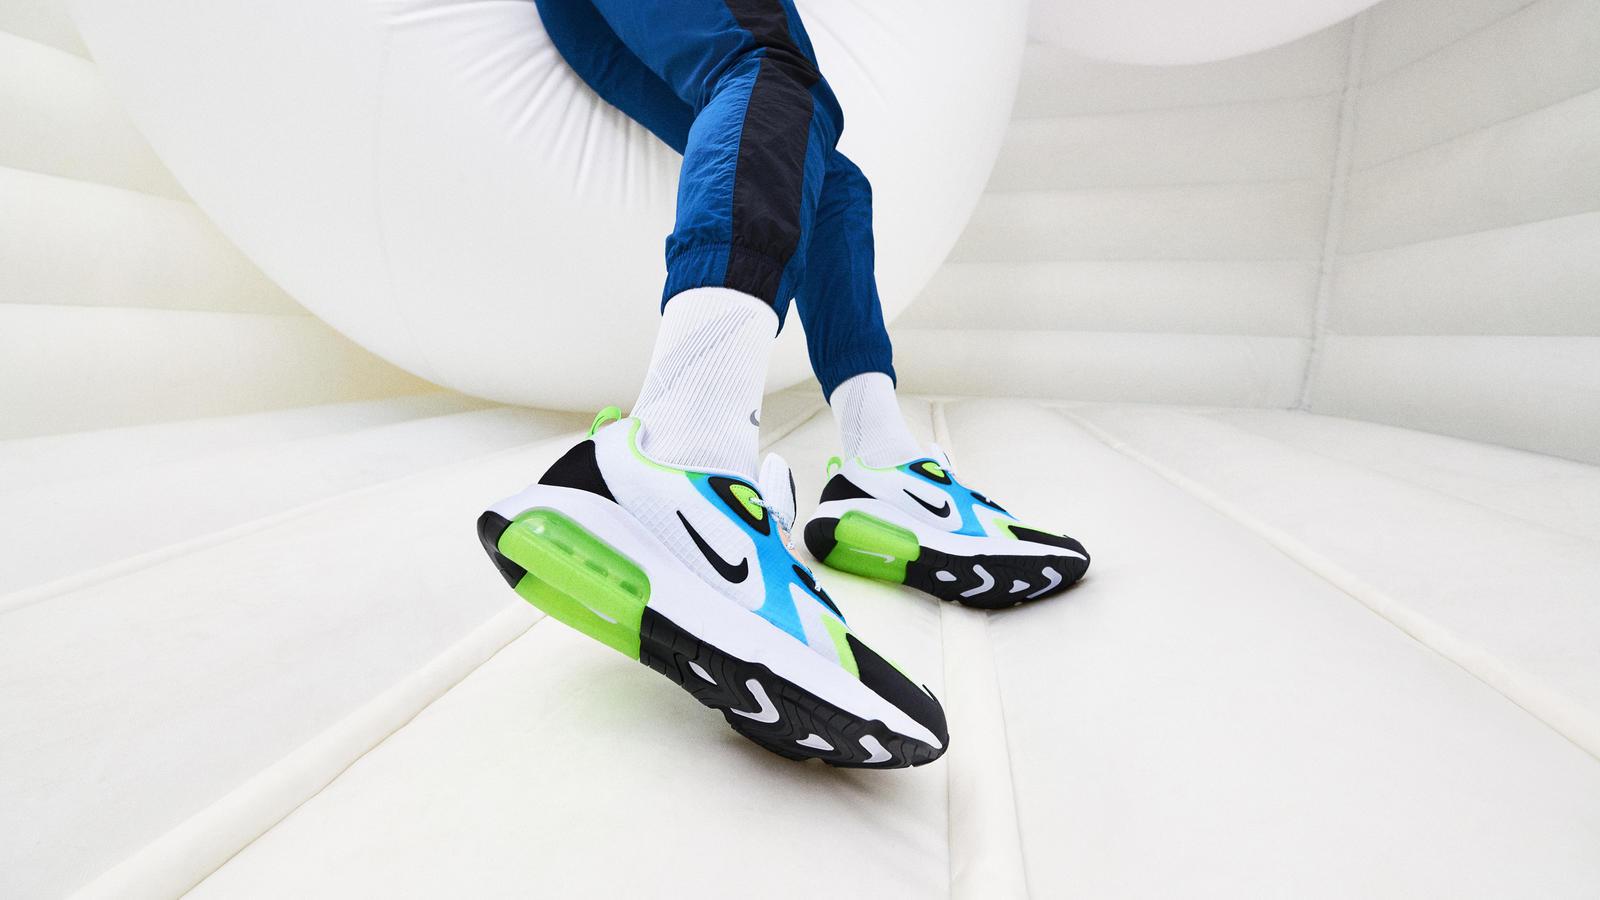 Nike Sportswear Vibrant Pack Air Max 200 Air Max 270 React Air Max Tailwind IV MX-720-818 Air Max 720 0